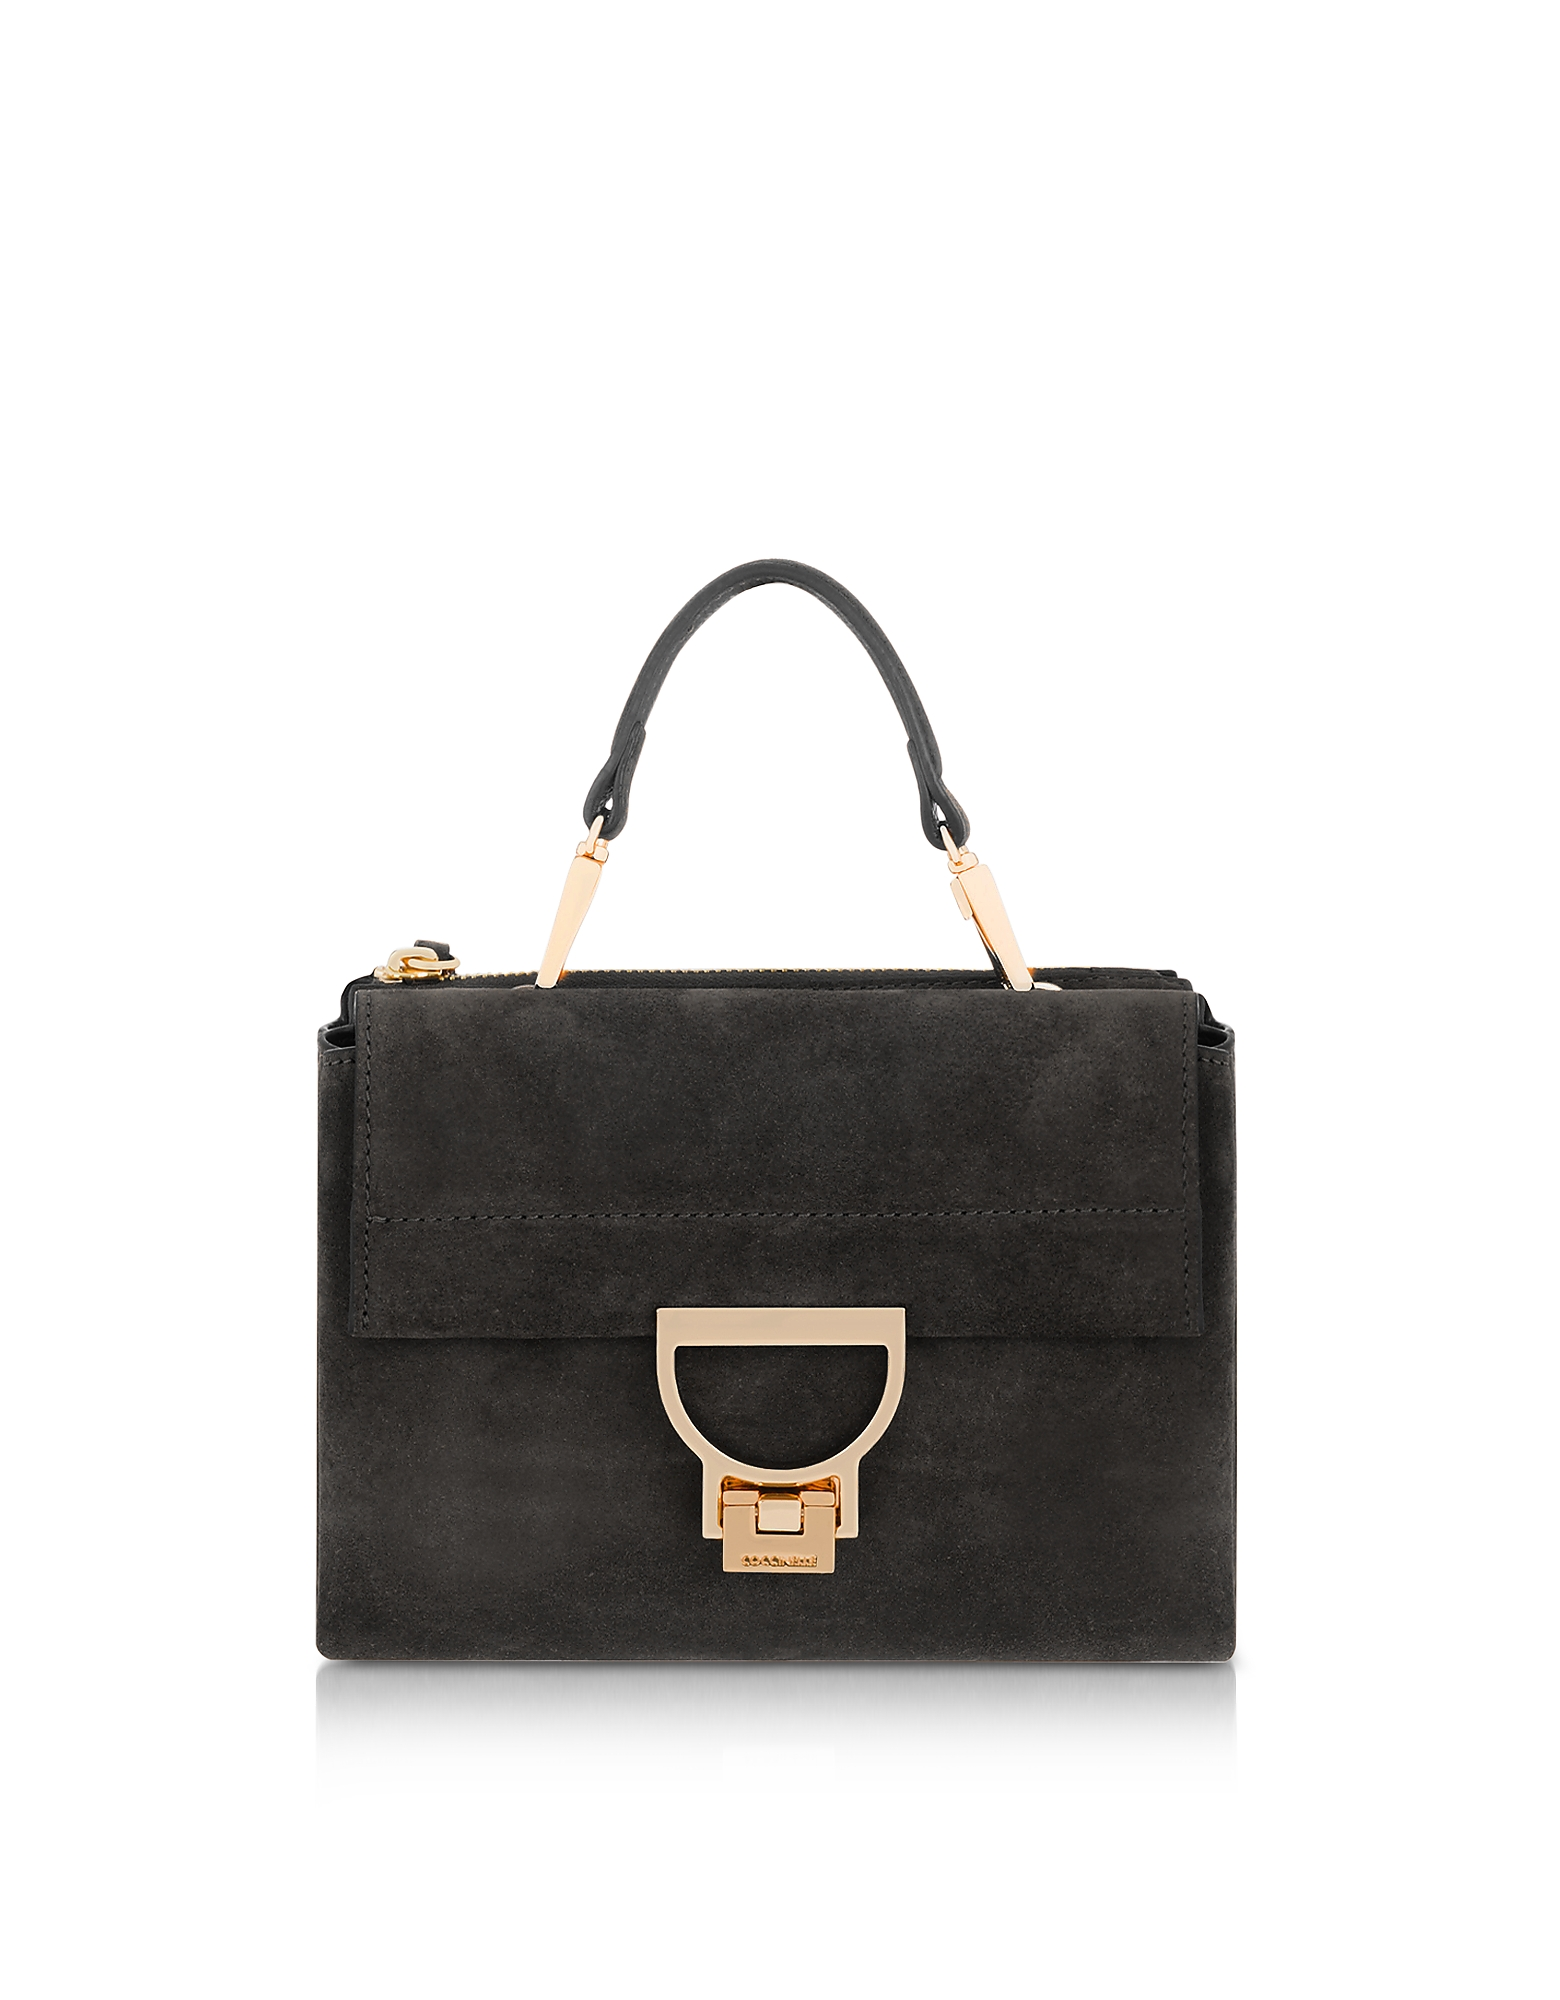 Arlettis Suede Top Handle Crossbody Bag